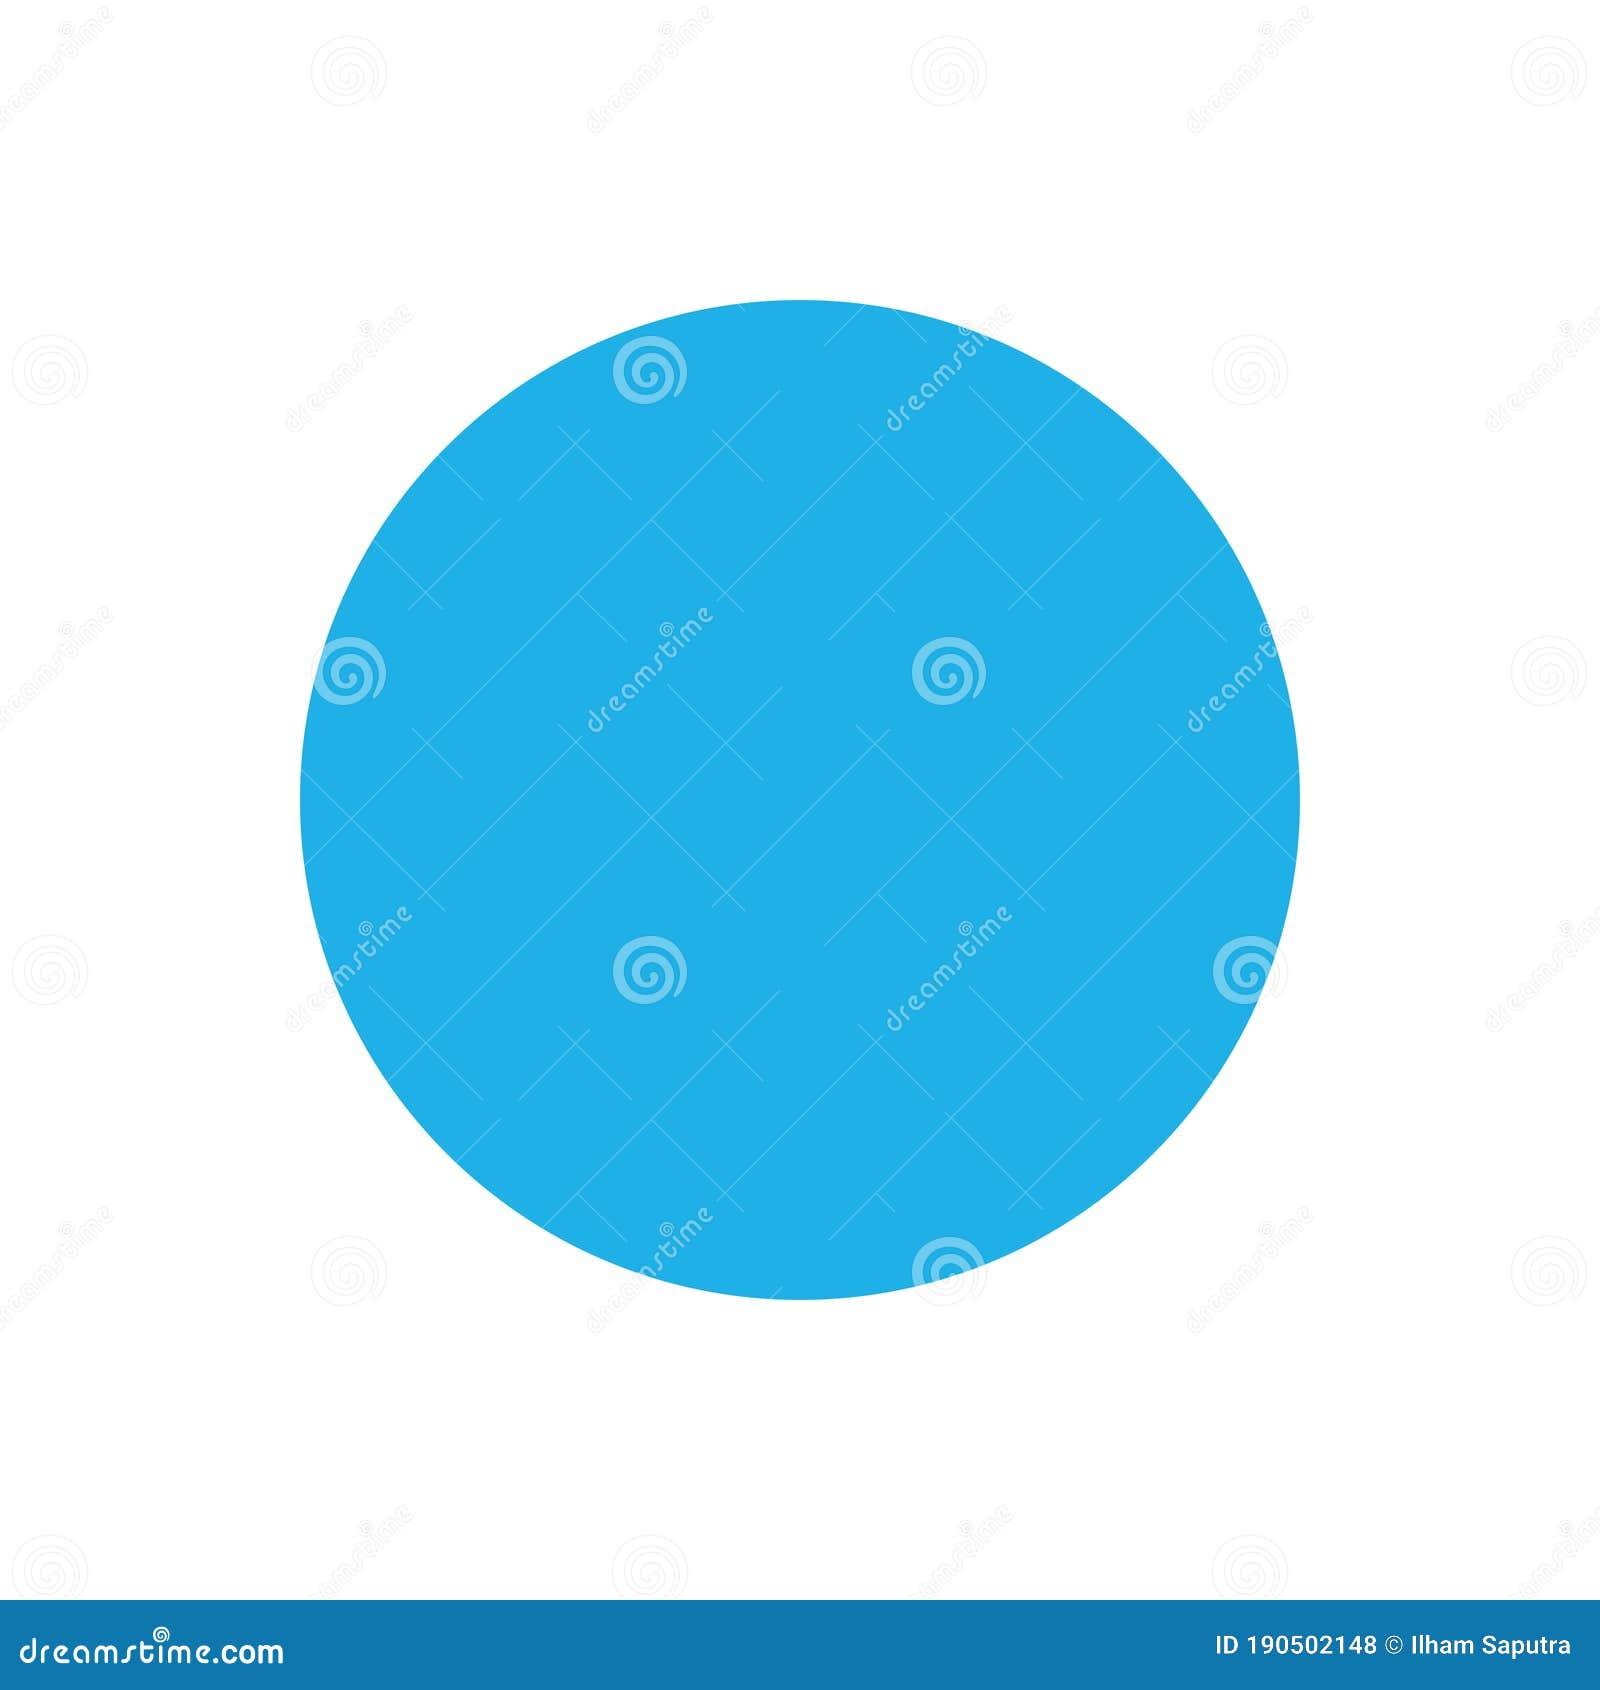 Blue Circleshape:  Blue Circle Basic Simple Shapes Isolated On White